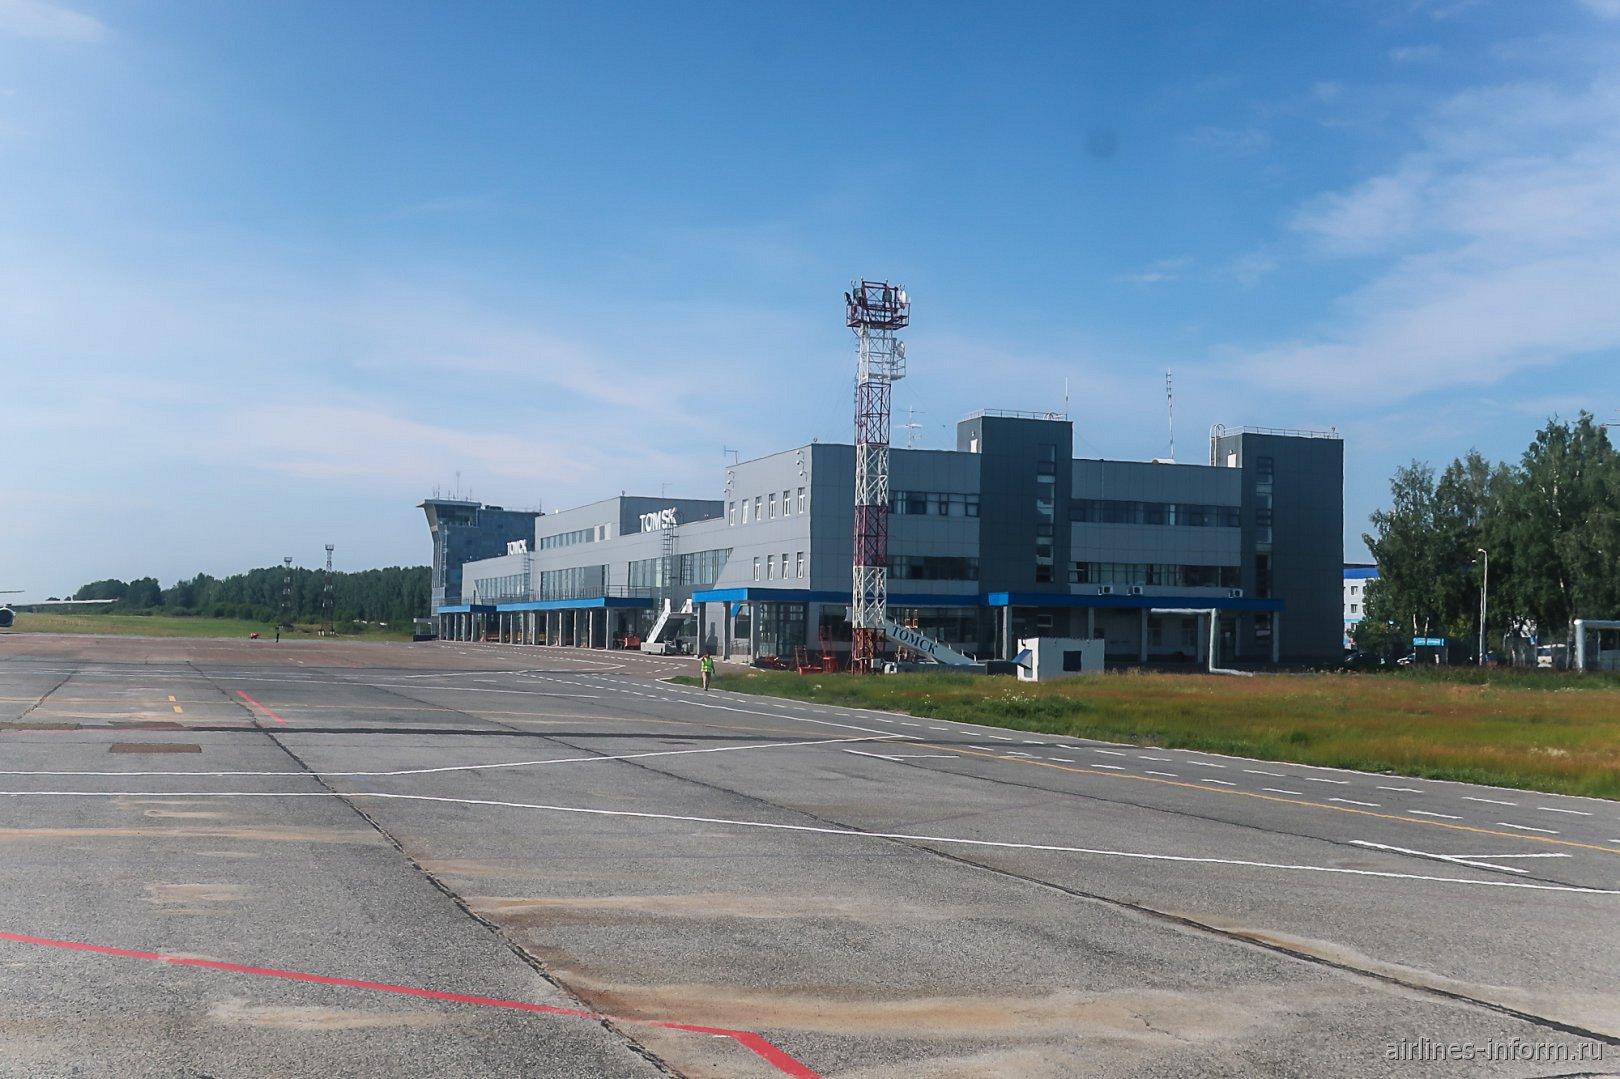 Пассажирский терминал аэропорта Томск